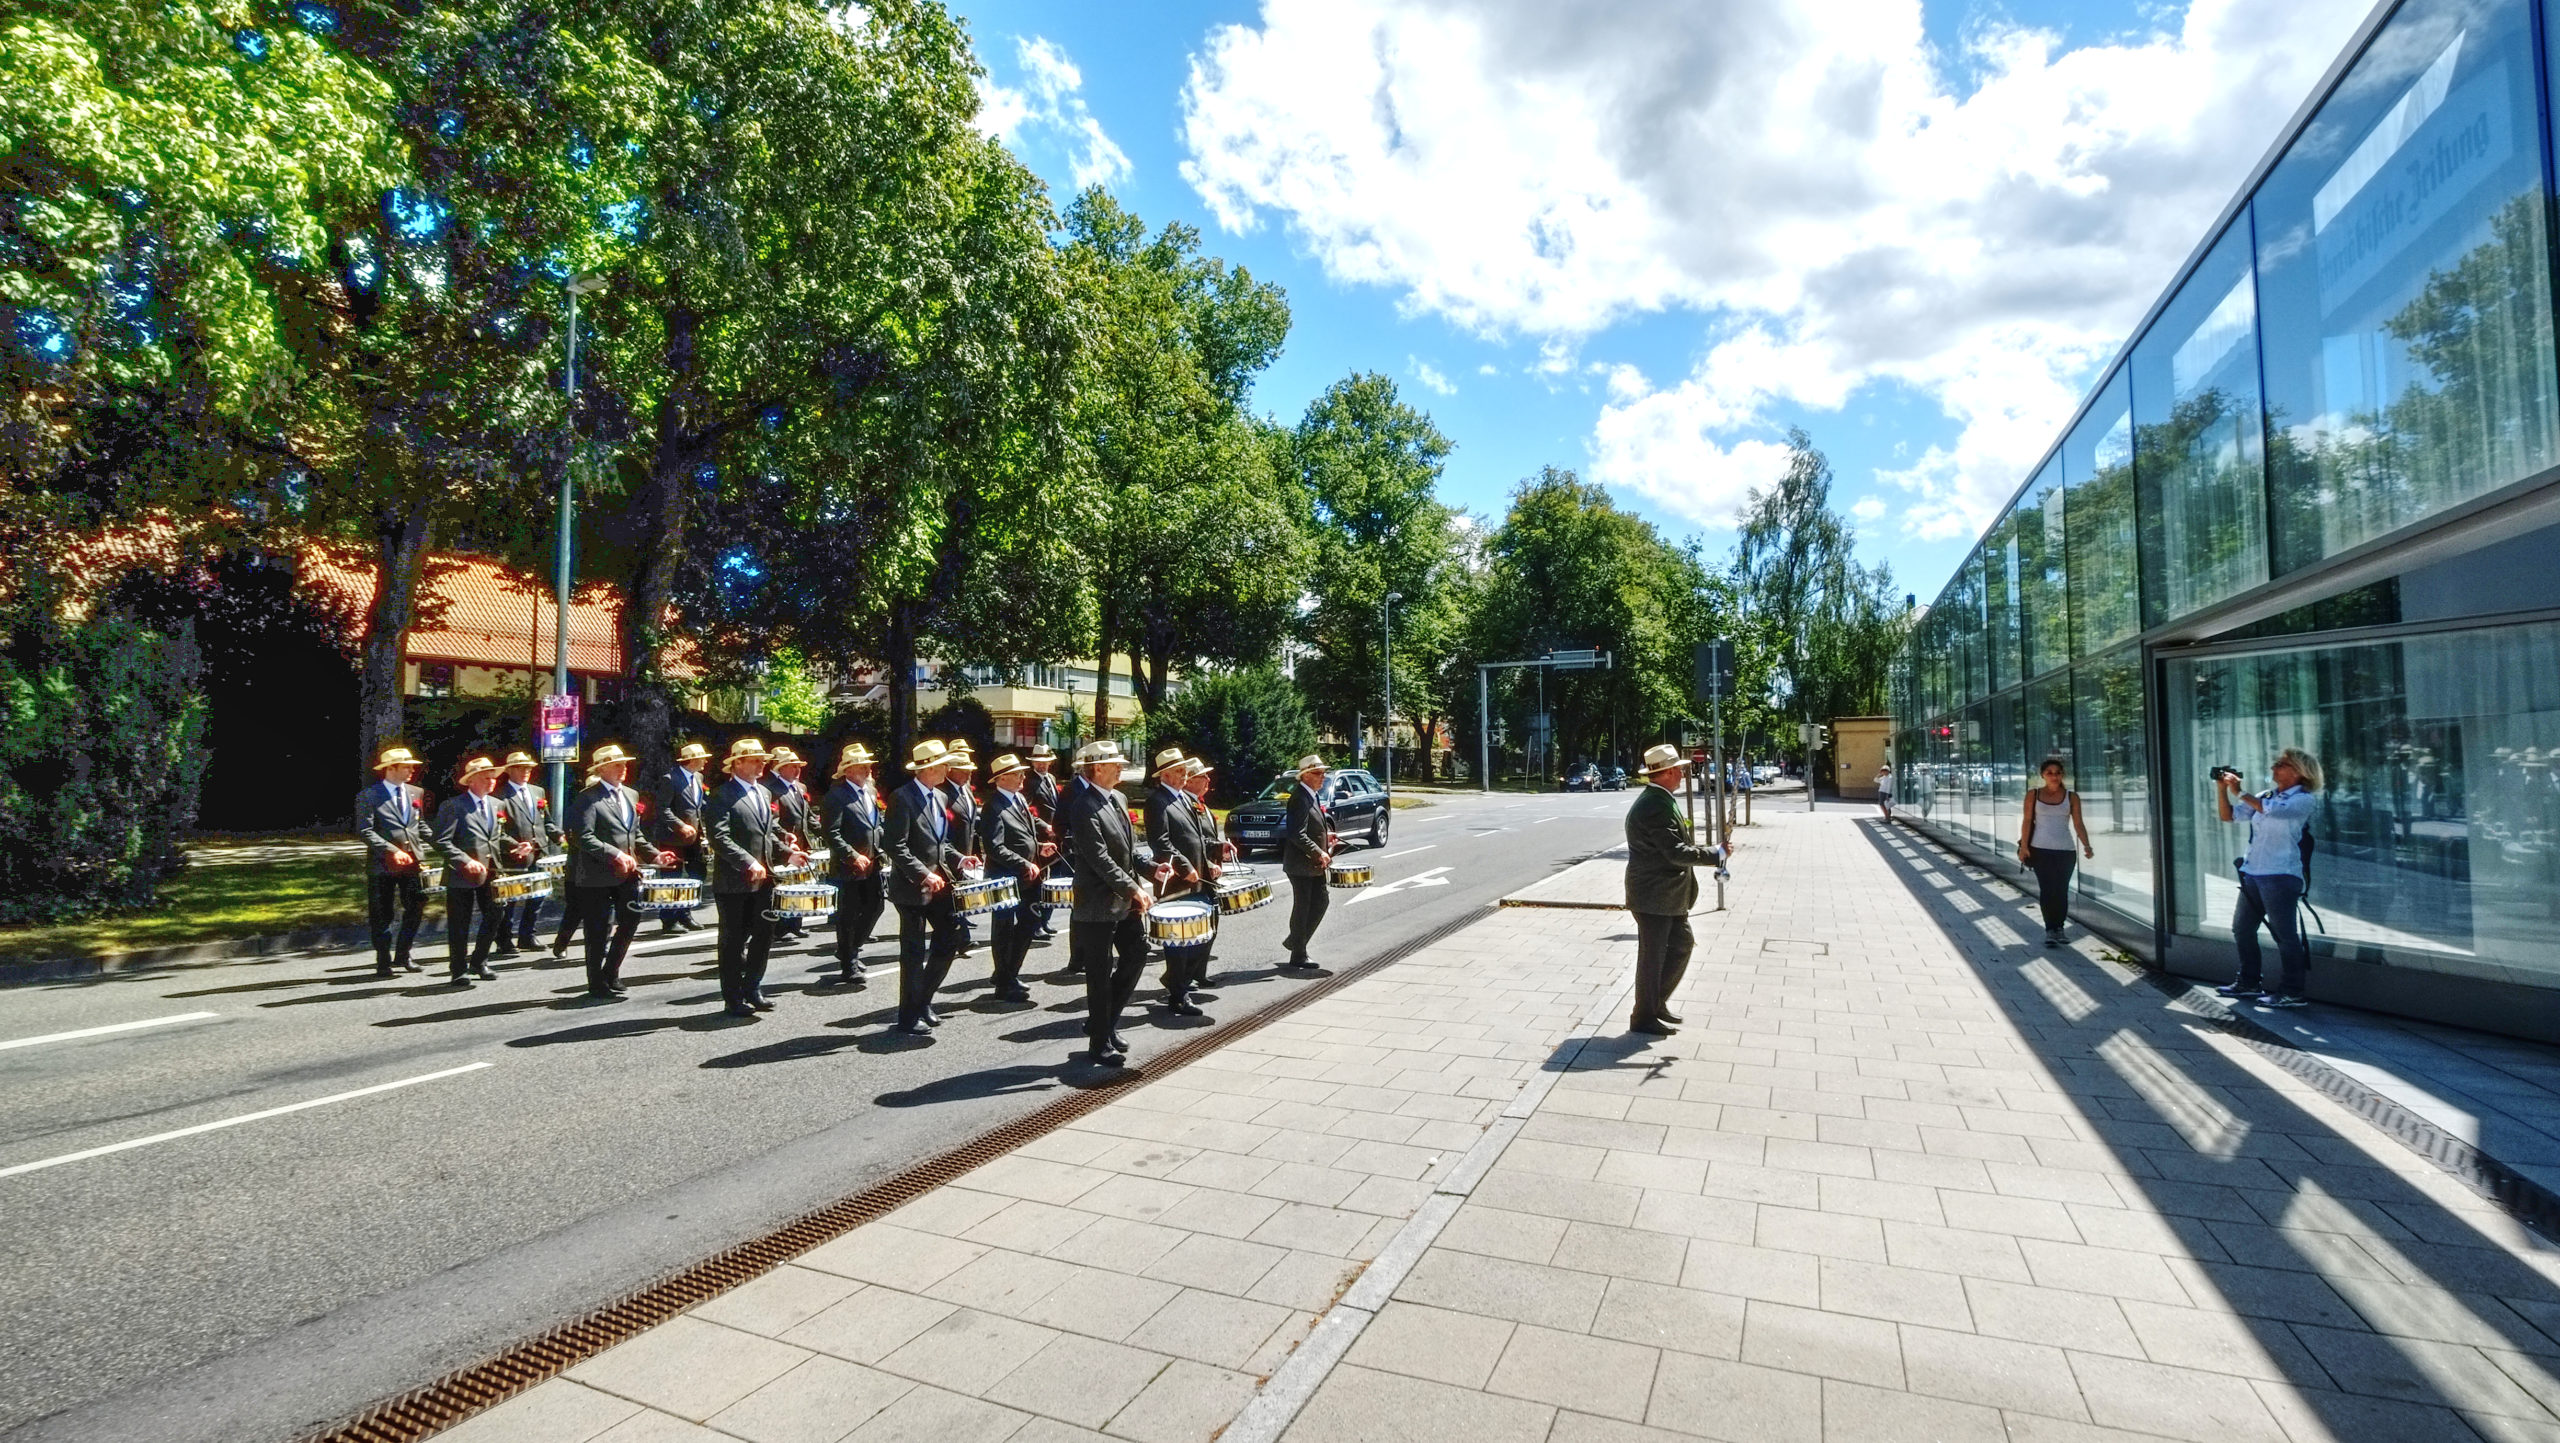 Trommlergruppe geht über die Straße